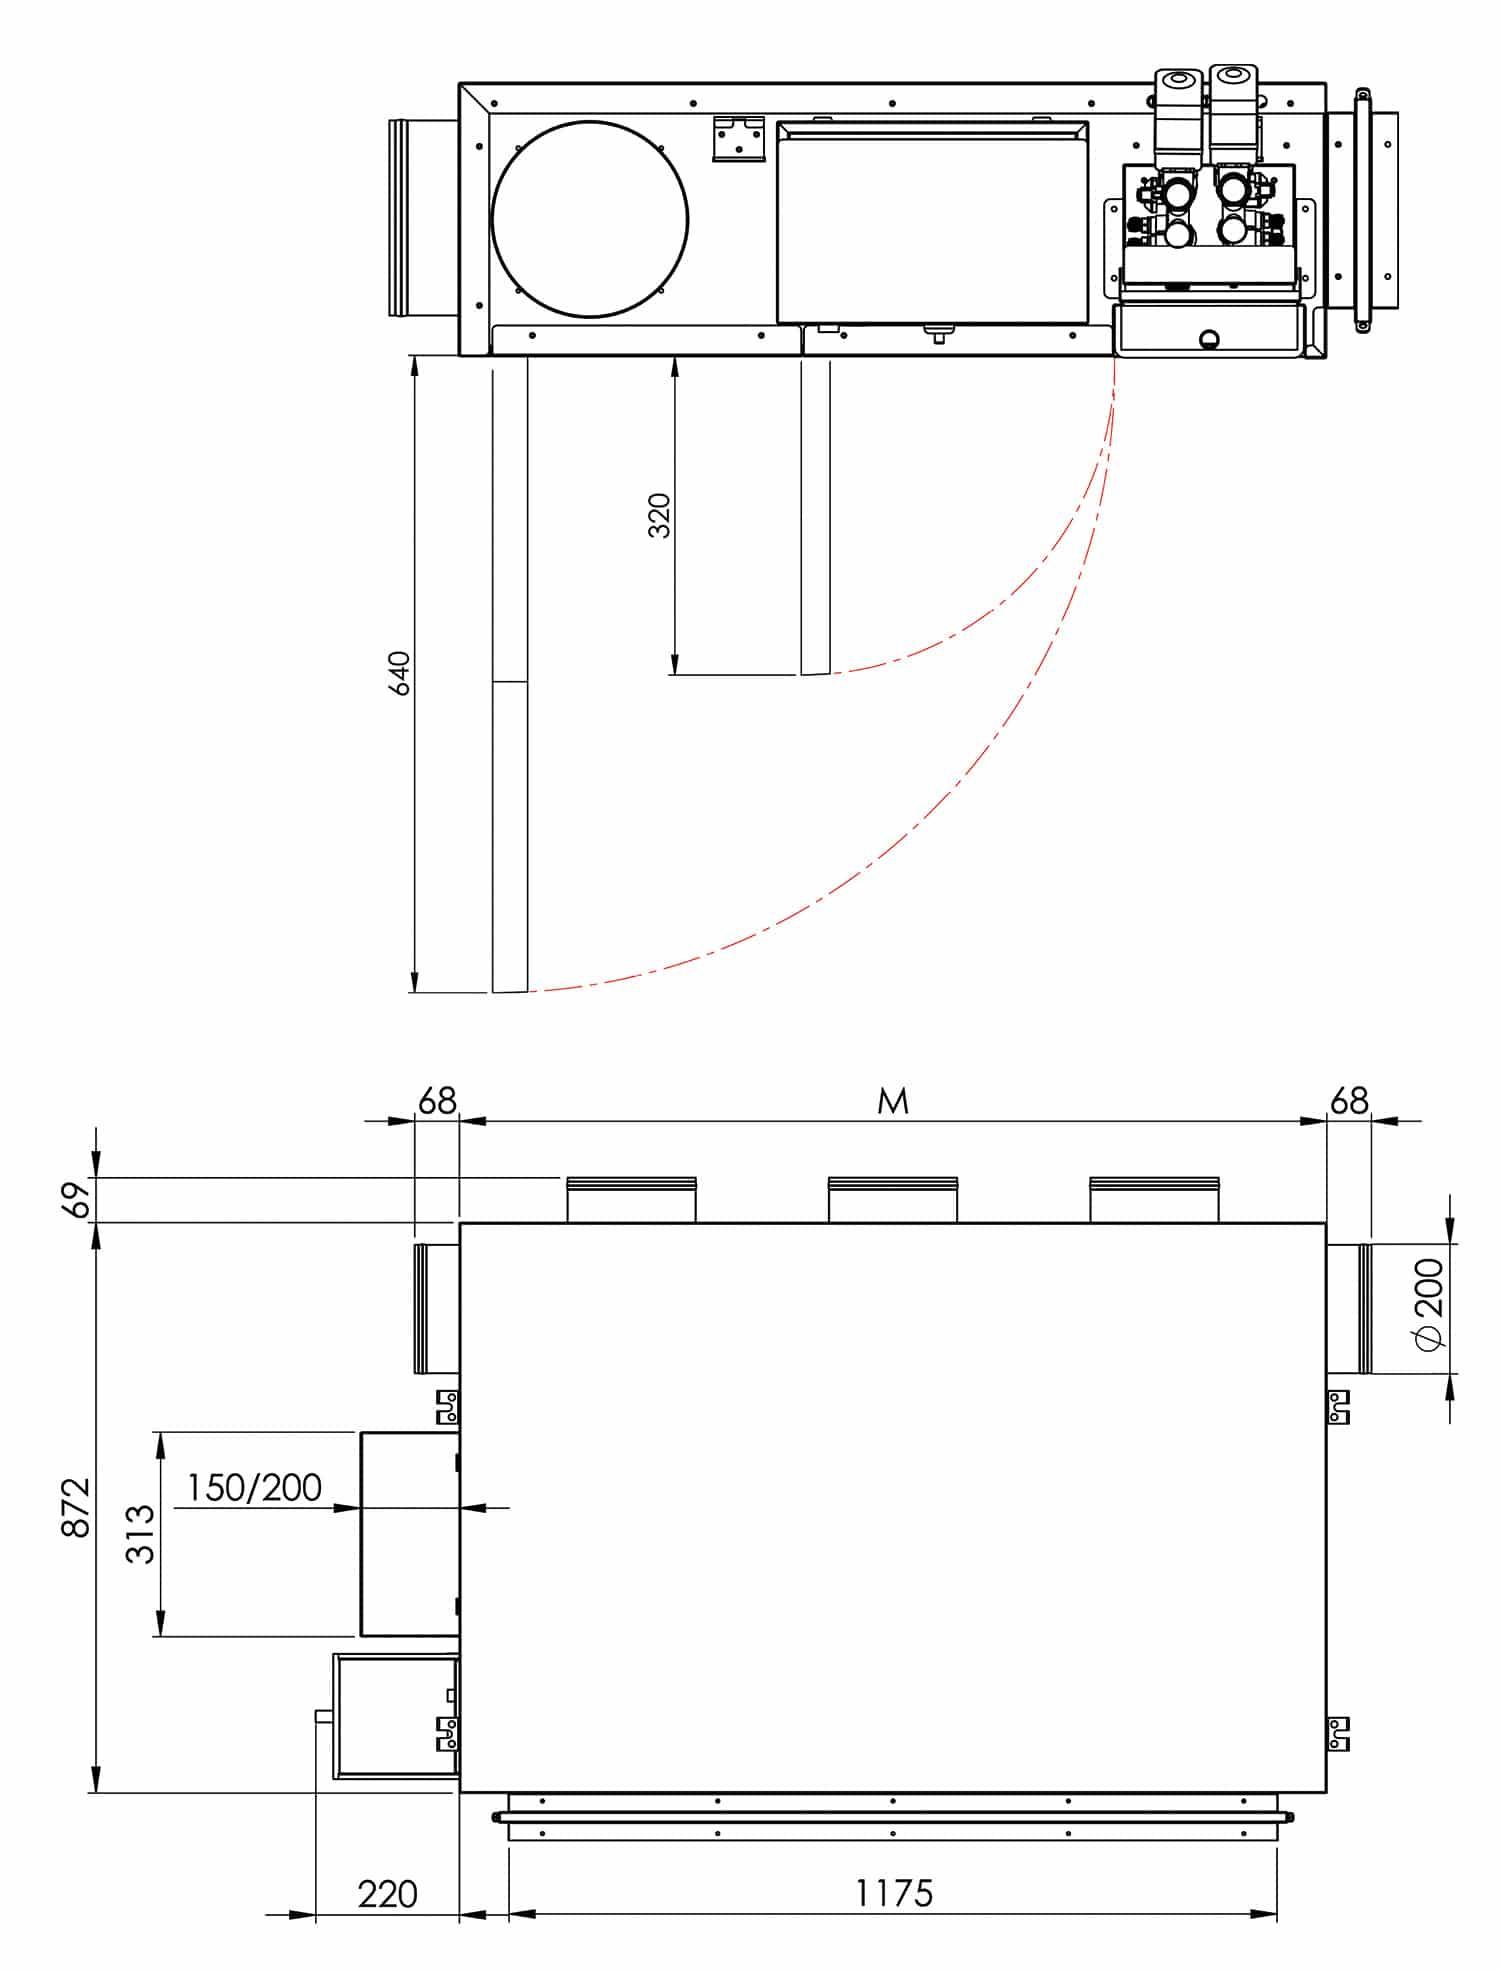 Fan Coil Units | Q-nis